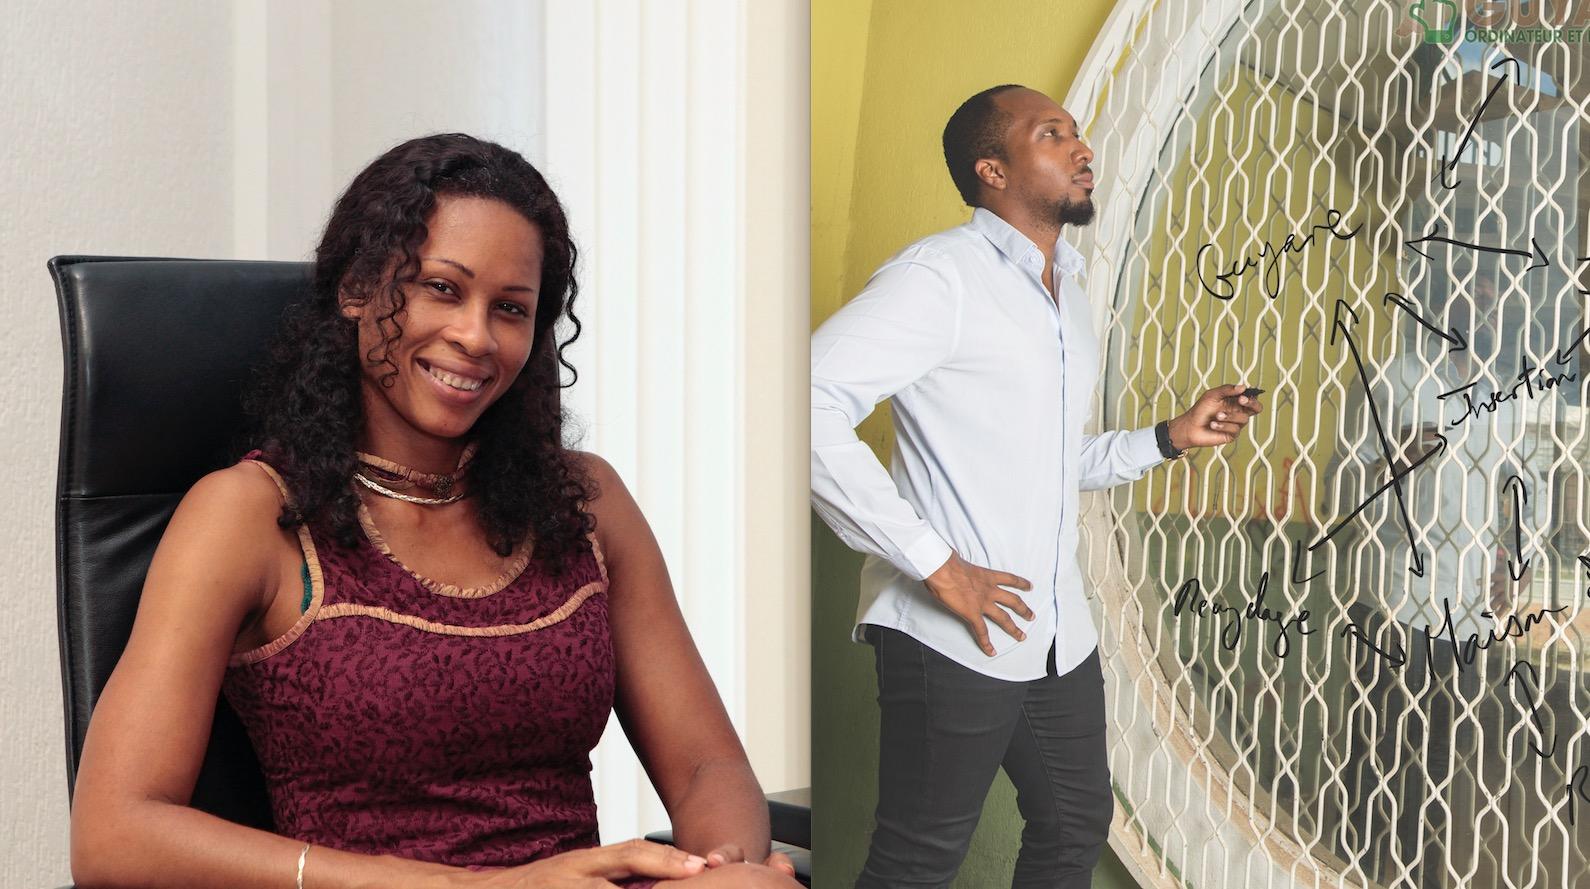 Fondation Orange Guyane : des Maisons digitales pour l'insertion professionnelle des femmes en Guyane